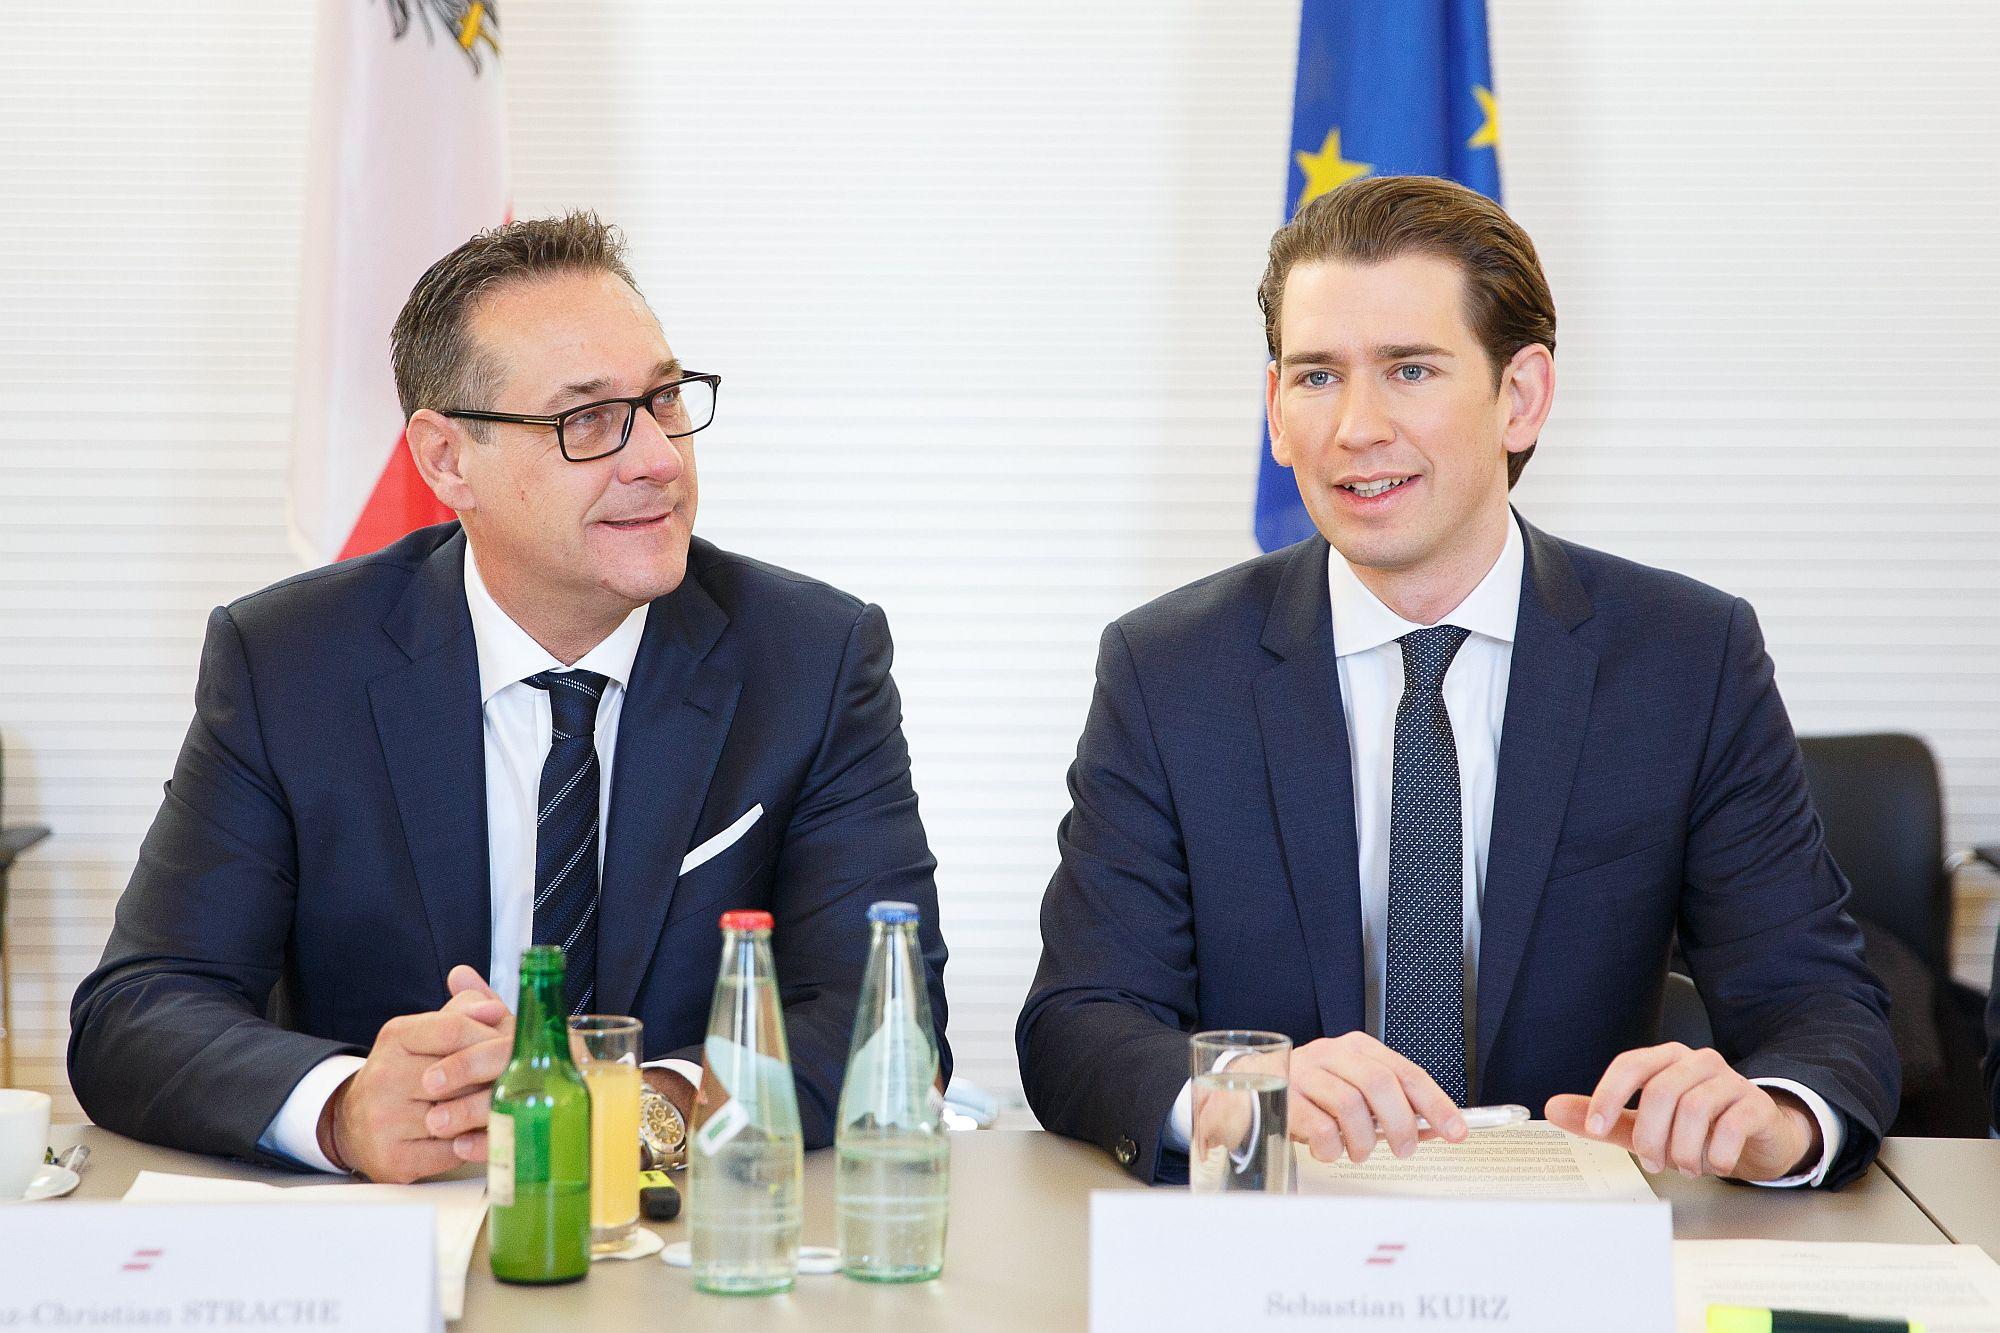 Heinz-Christian Strache és Sebastian Kurz a Leibnitzben megtartott kormányülés előtt 2018. január 5-én. EPA/FLORIAN WIESER